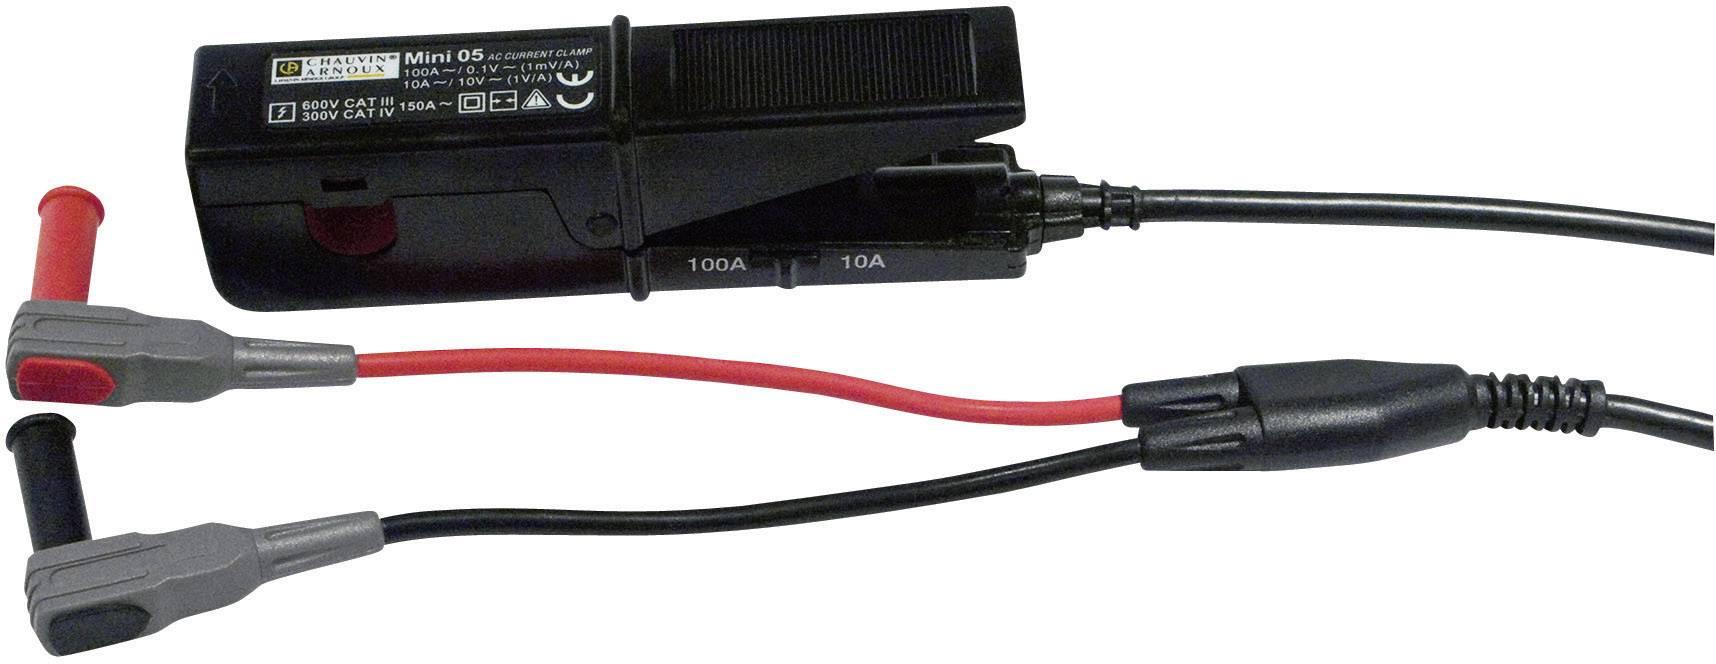 Klešťový proudový adaptér Chauvin Arnoux MINI 05, kalibrováno dle ISO